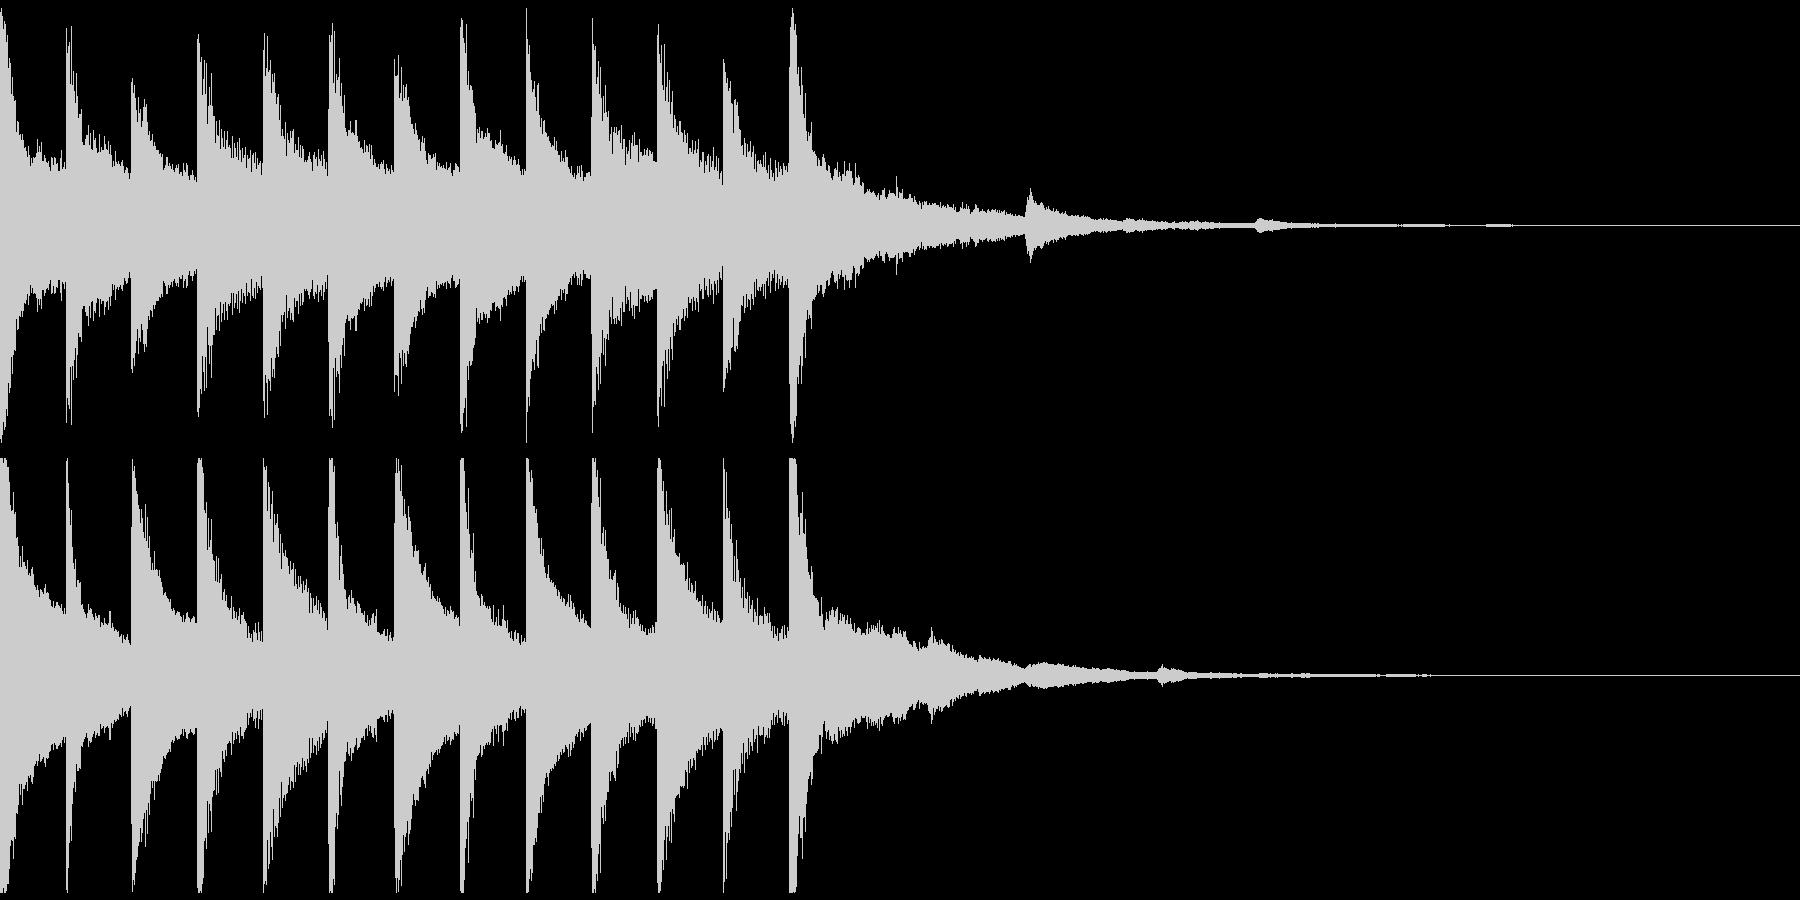 サウンドロゴ、ゴージャス感、verEの未再生の波形